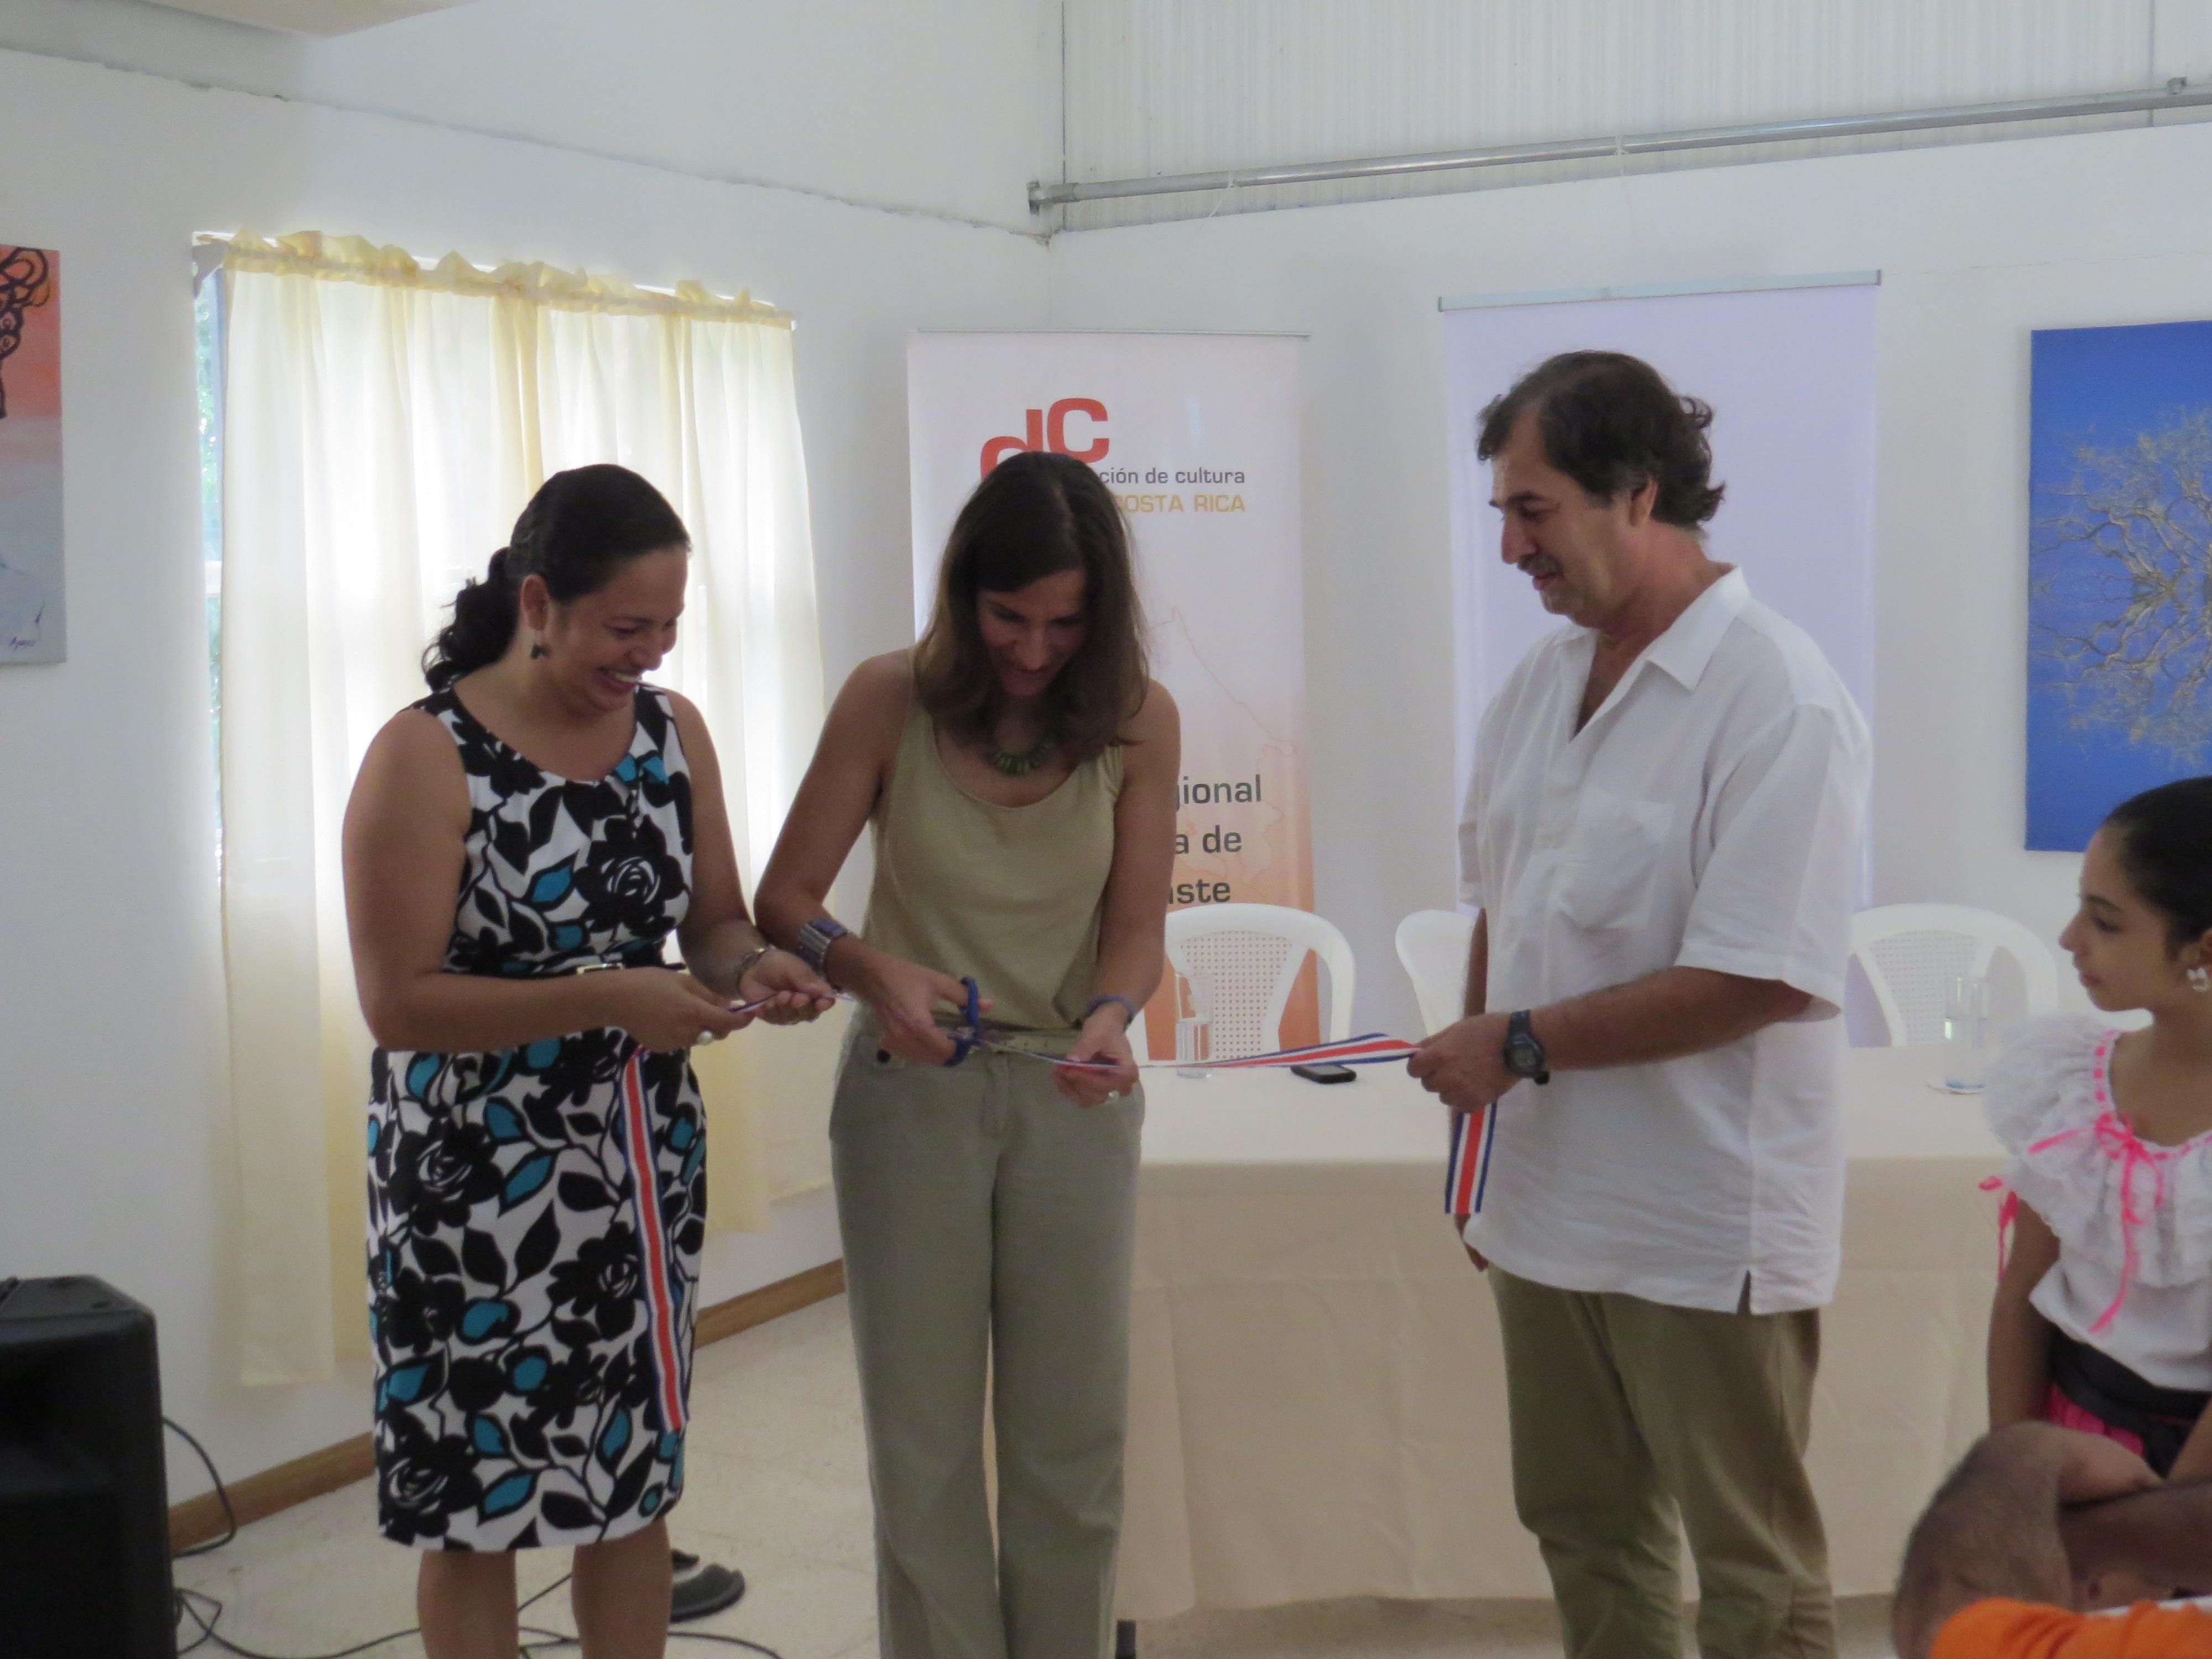 Se inaguro nuevo recinto para el desarrollo cultural de toda la provincia de Guanacaste